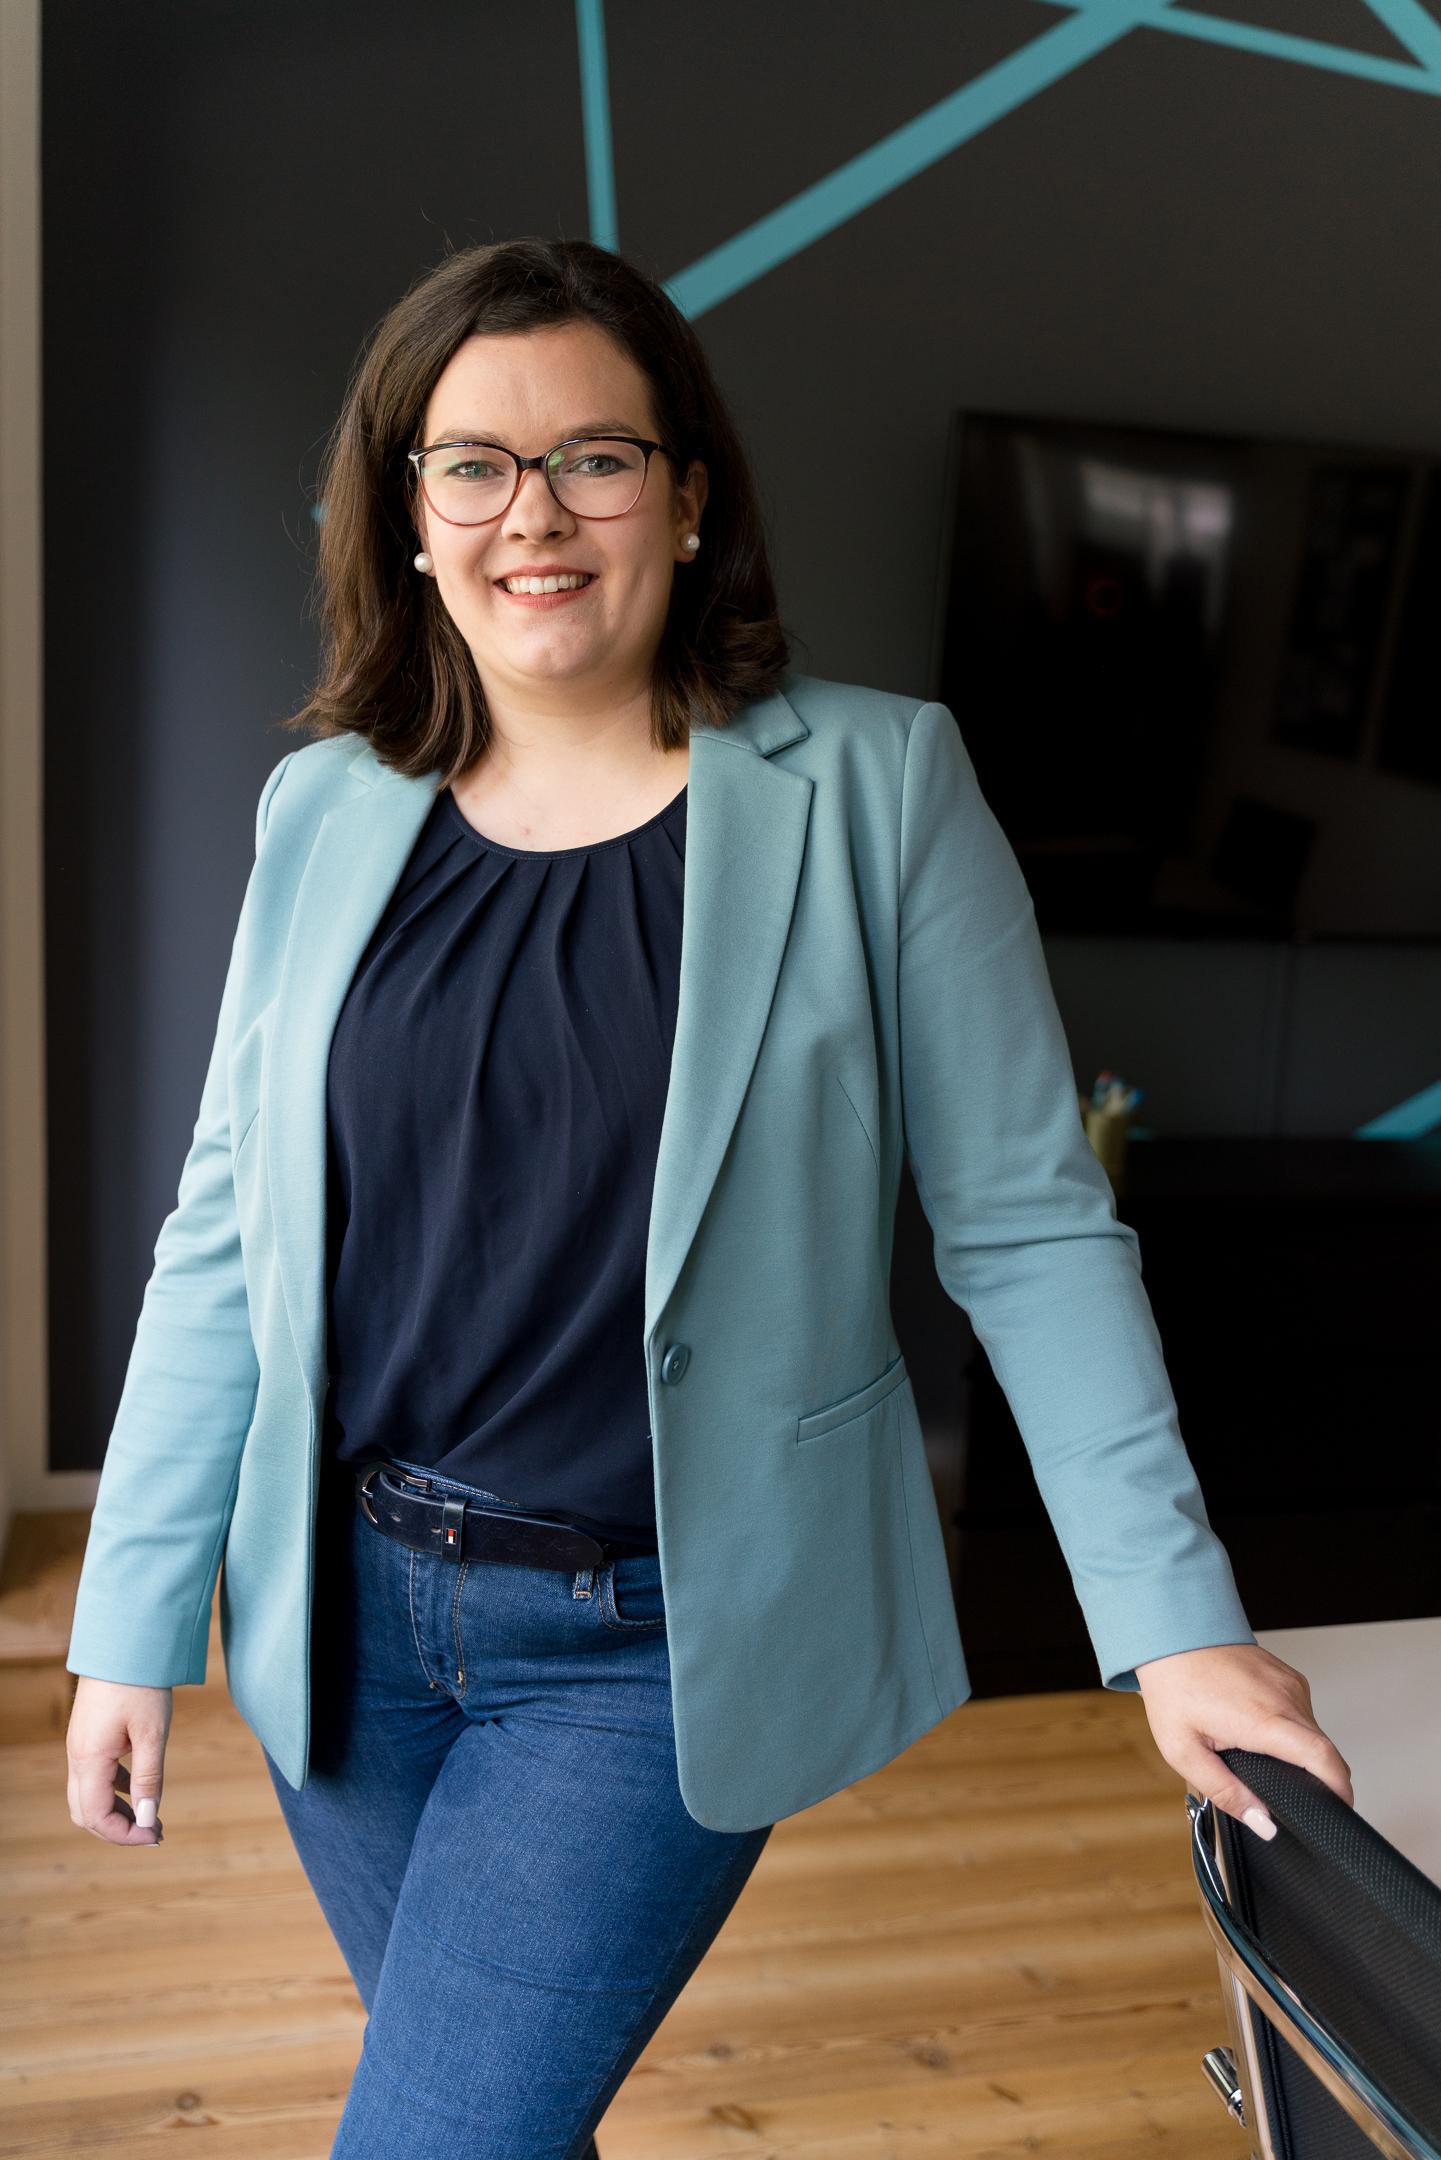 """Anja van Wahden_Inhaberin und Mitgründerin des Coworking-Spaces """"Work Kontor"""" in Ahrensburg"""